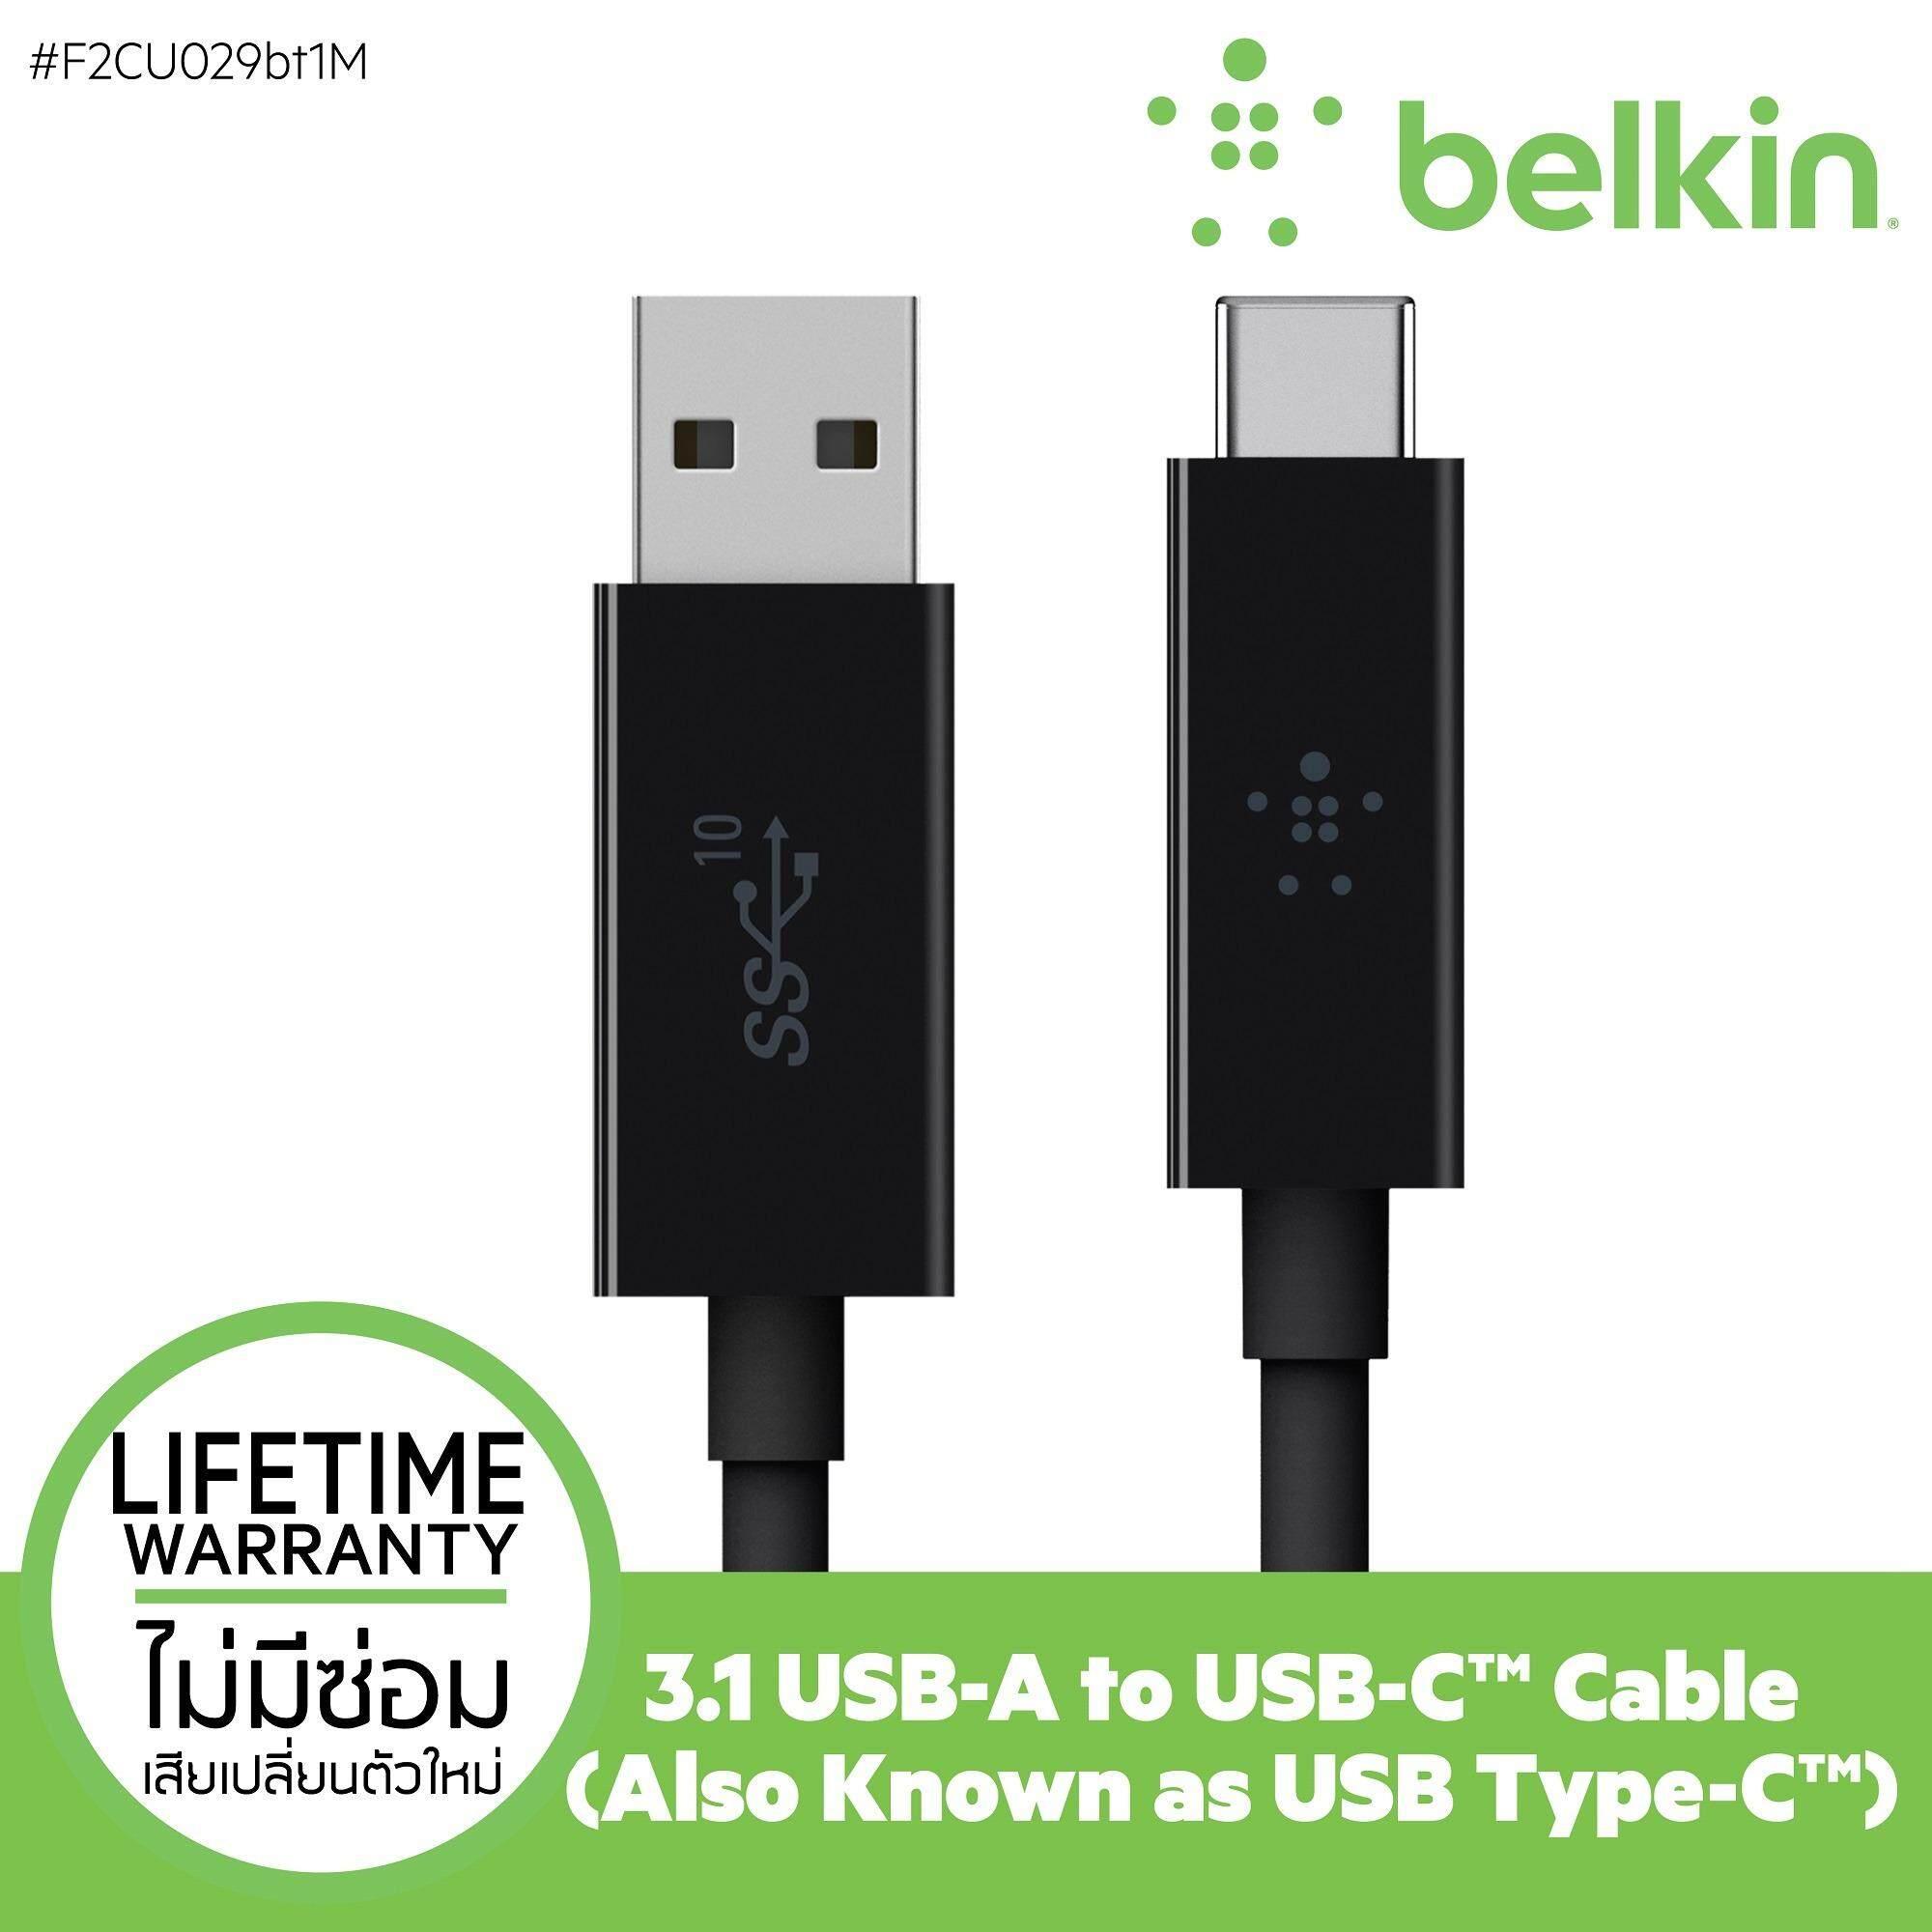 Belkin 3.1 USB-A to USB-C Cable F2CU029bt1M-BLK เบลคิน สายชาร์จ สาย USB รองรับการโอนถ่ายข้อมูล 10Gbps สำหรับโน้ตบุ๊กและสมาร์ทโฟนรุ่นใหม่